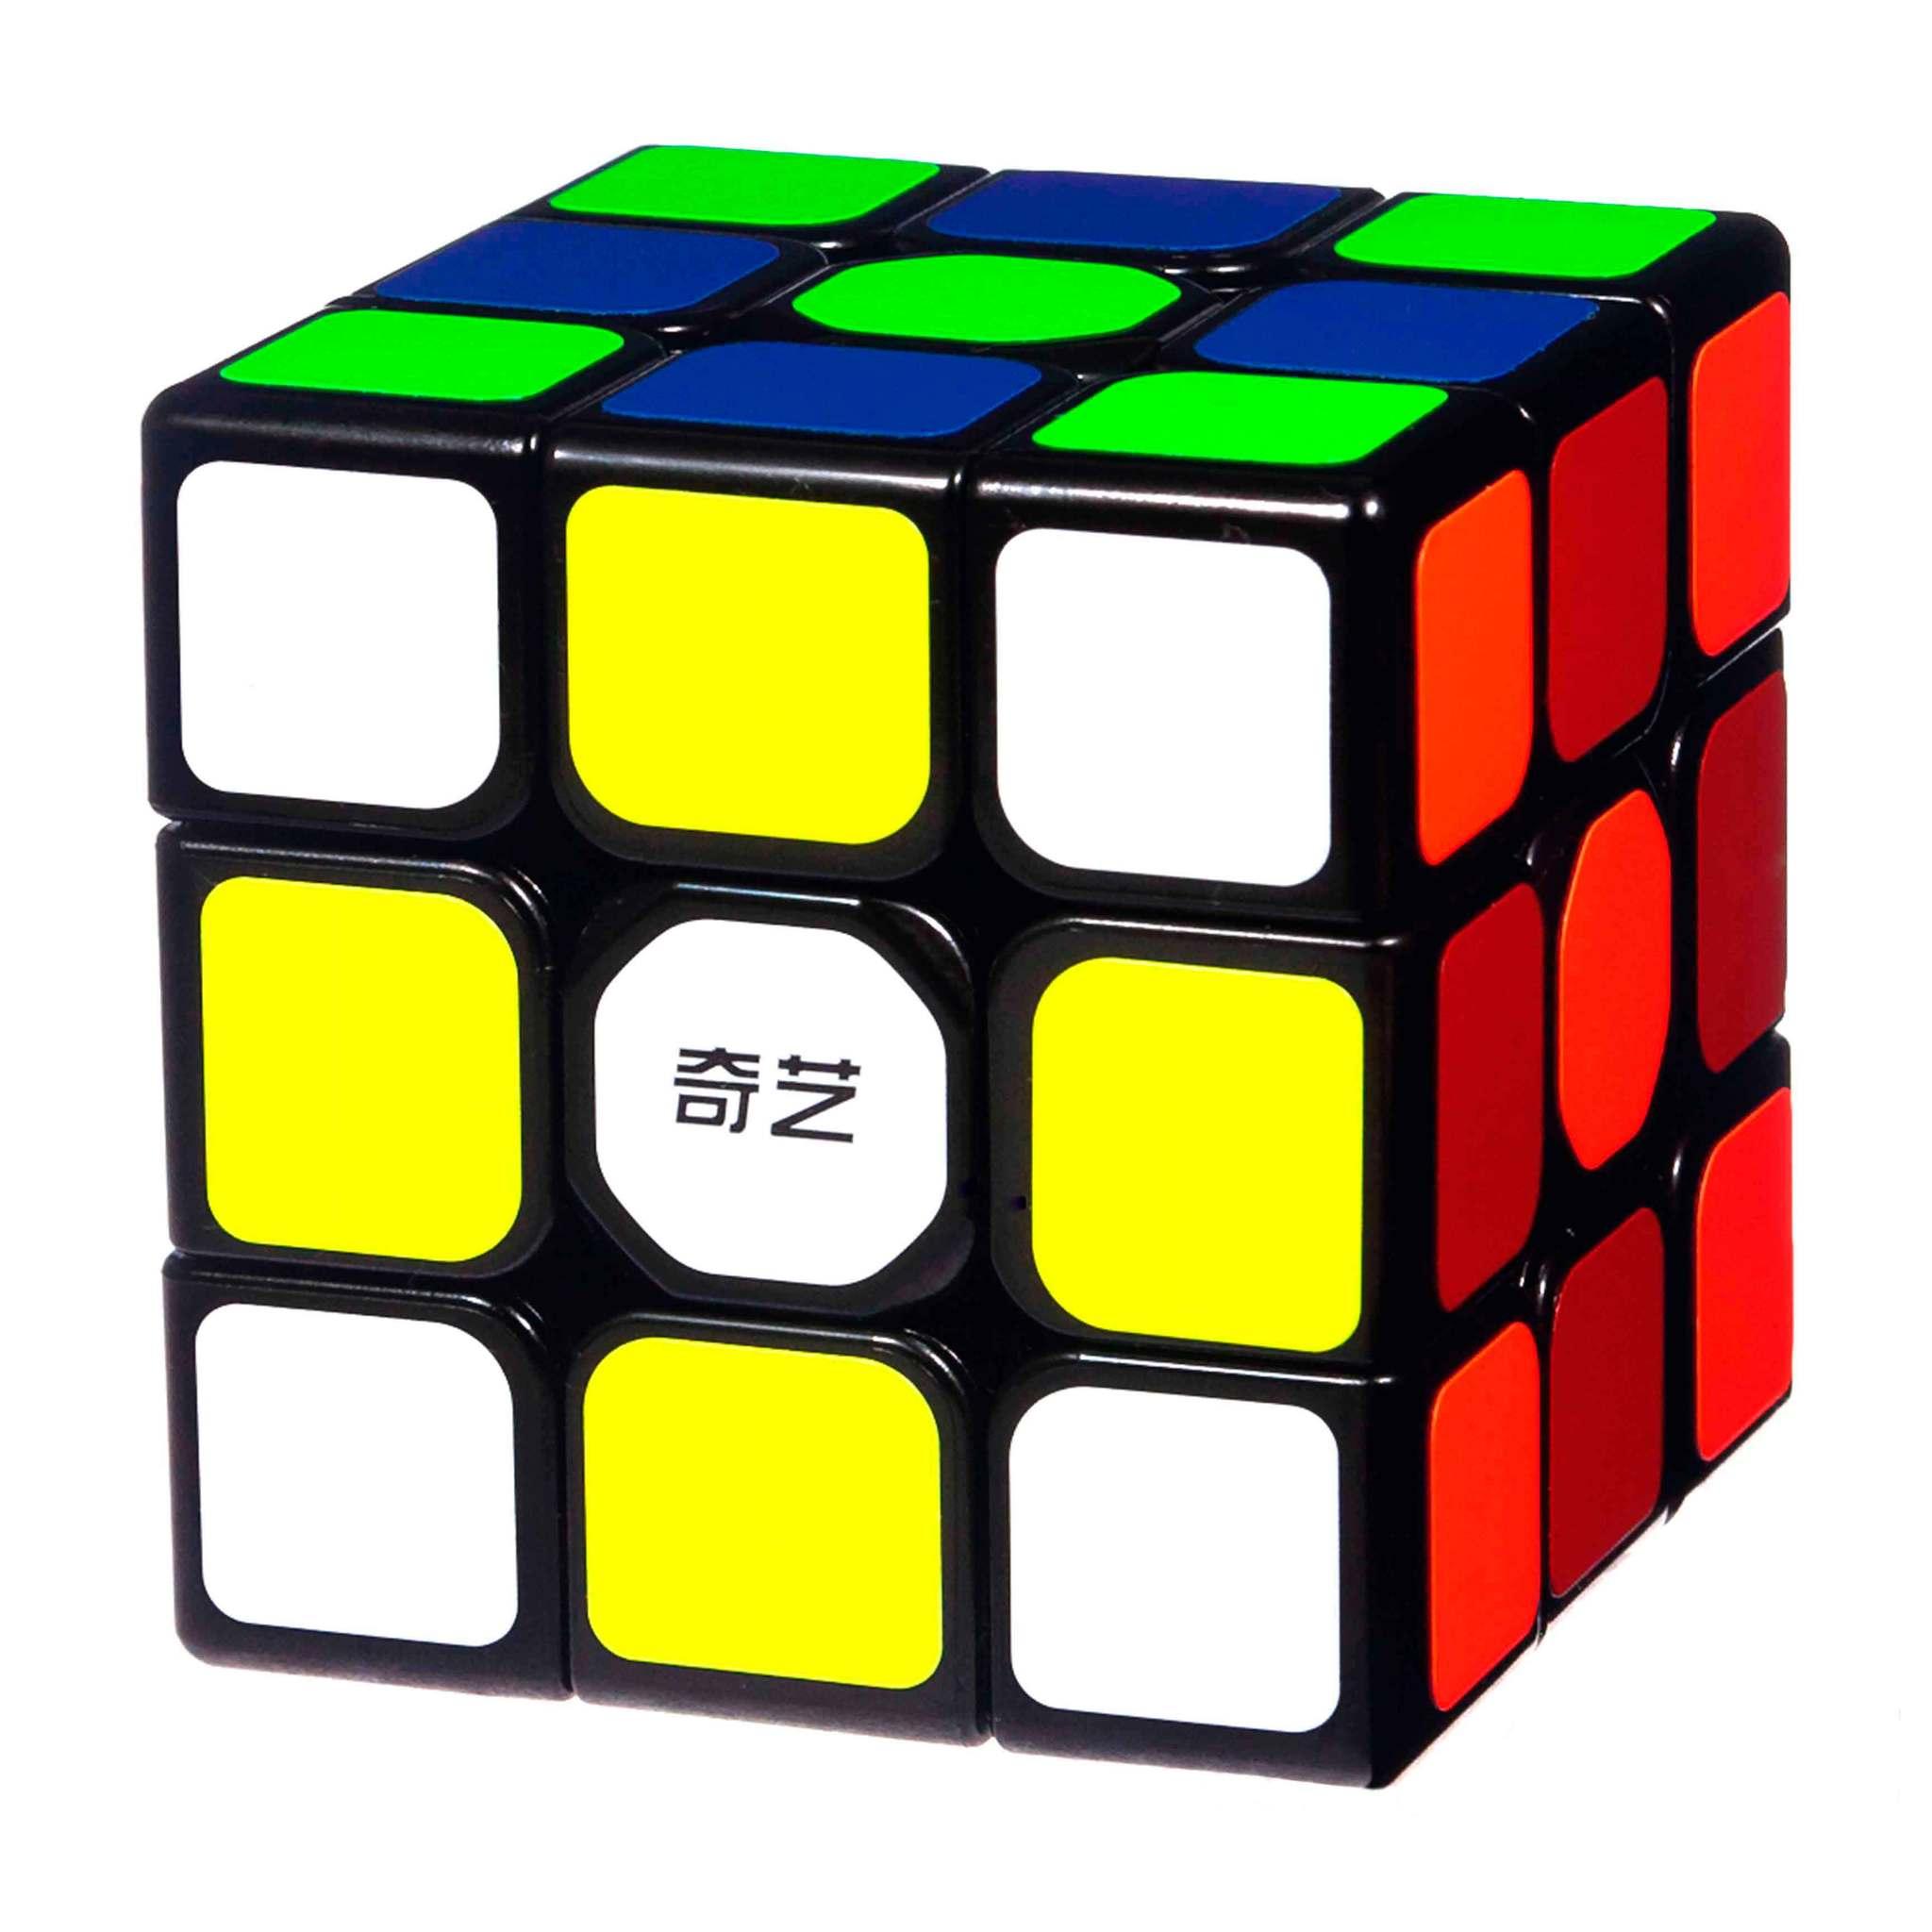 Скоростной кубик 3x3x3 с наклейками